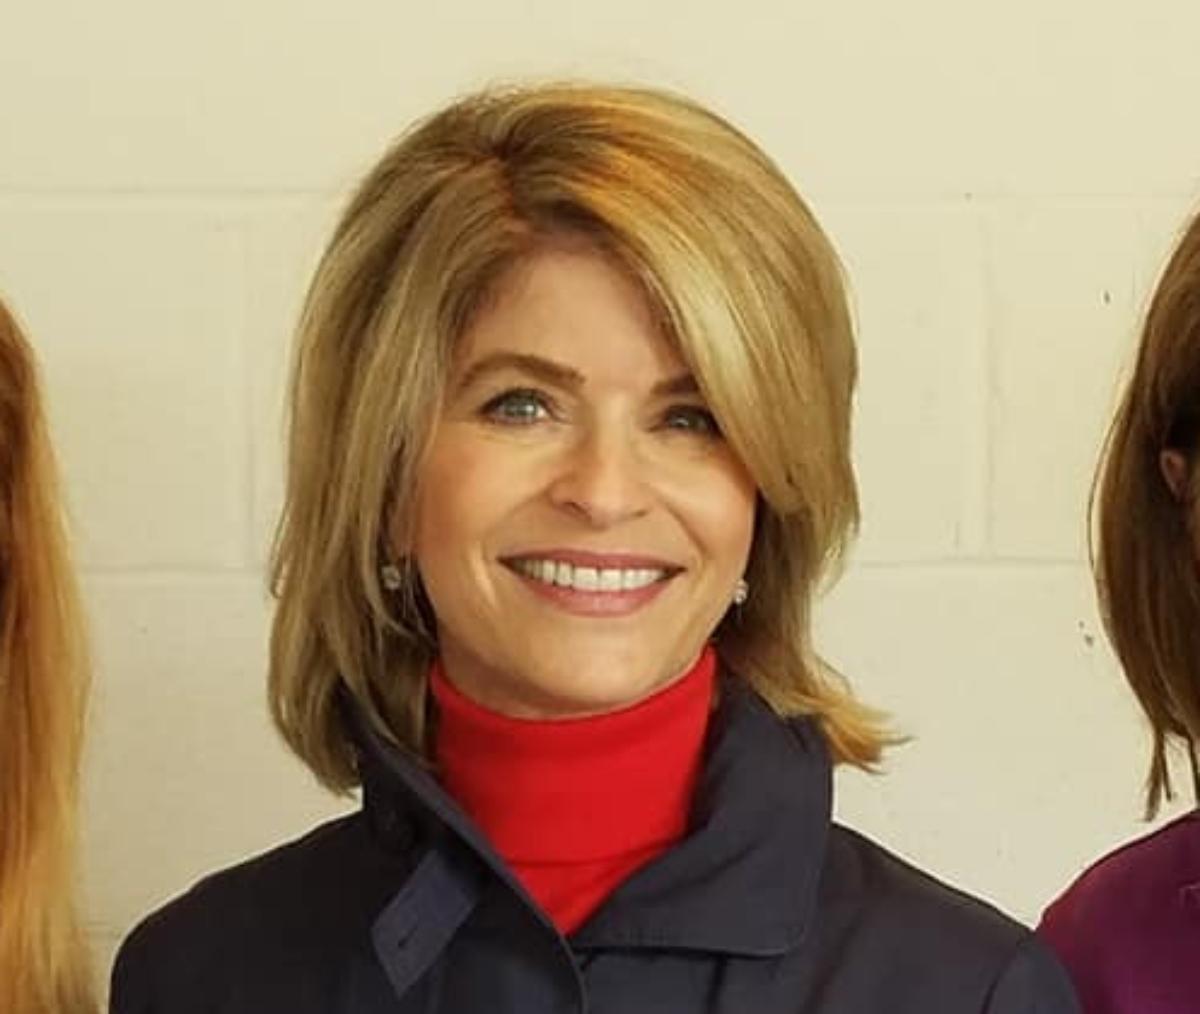 Carla Sands